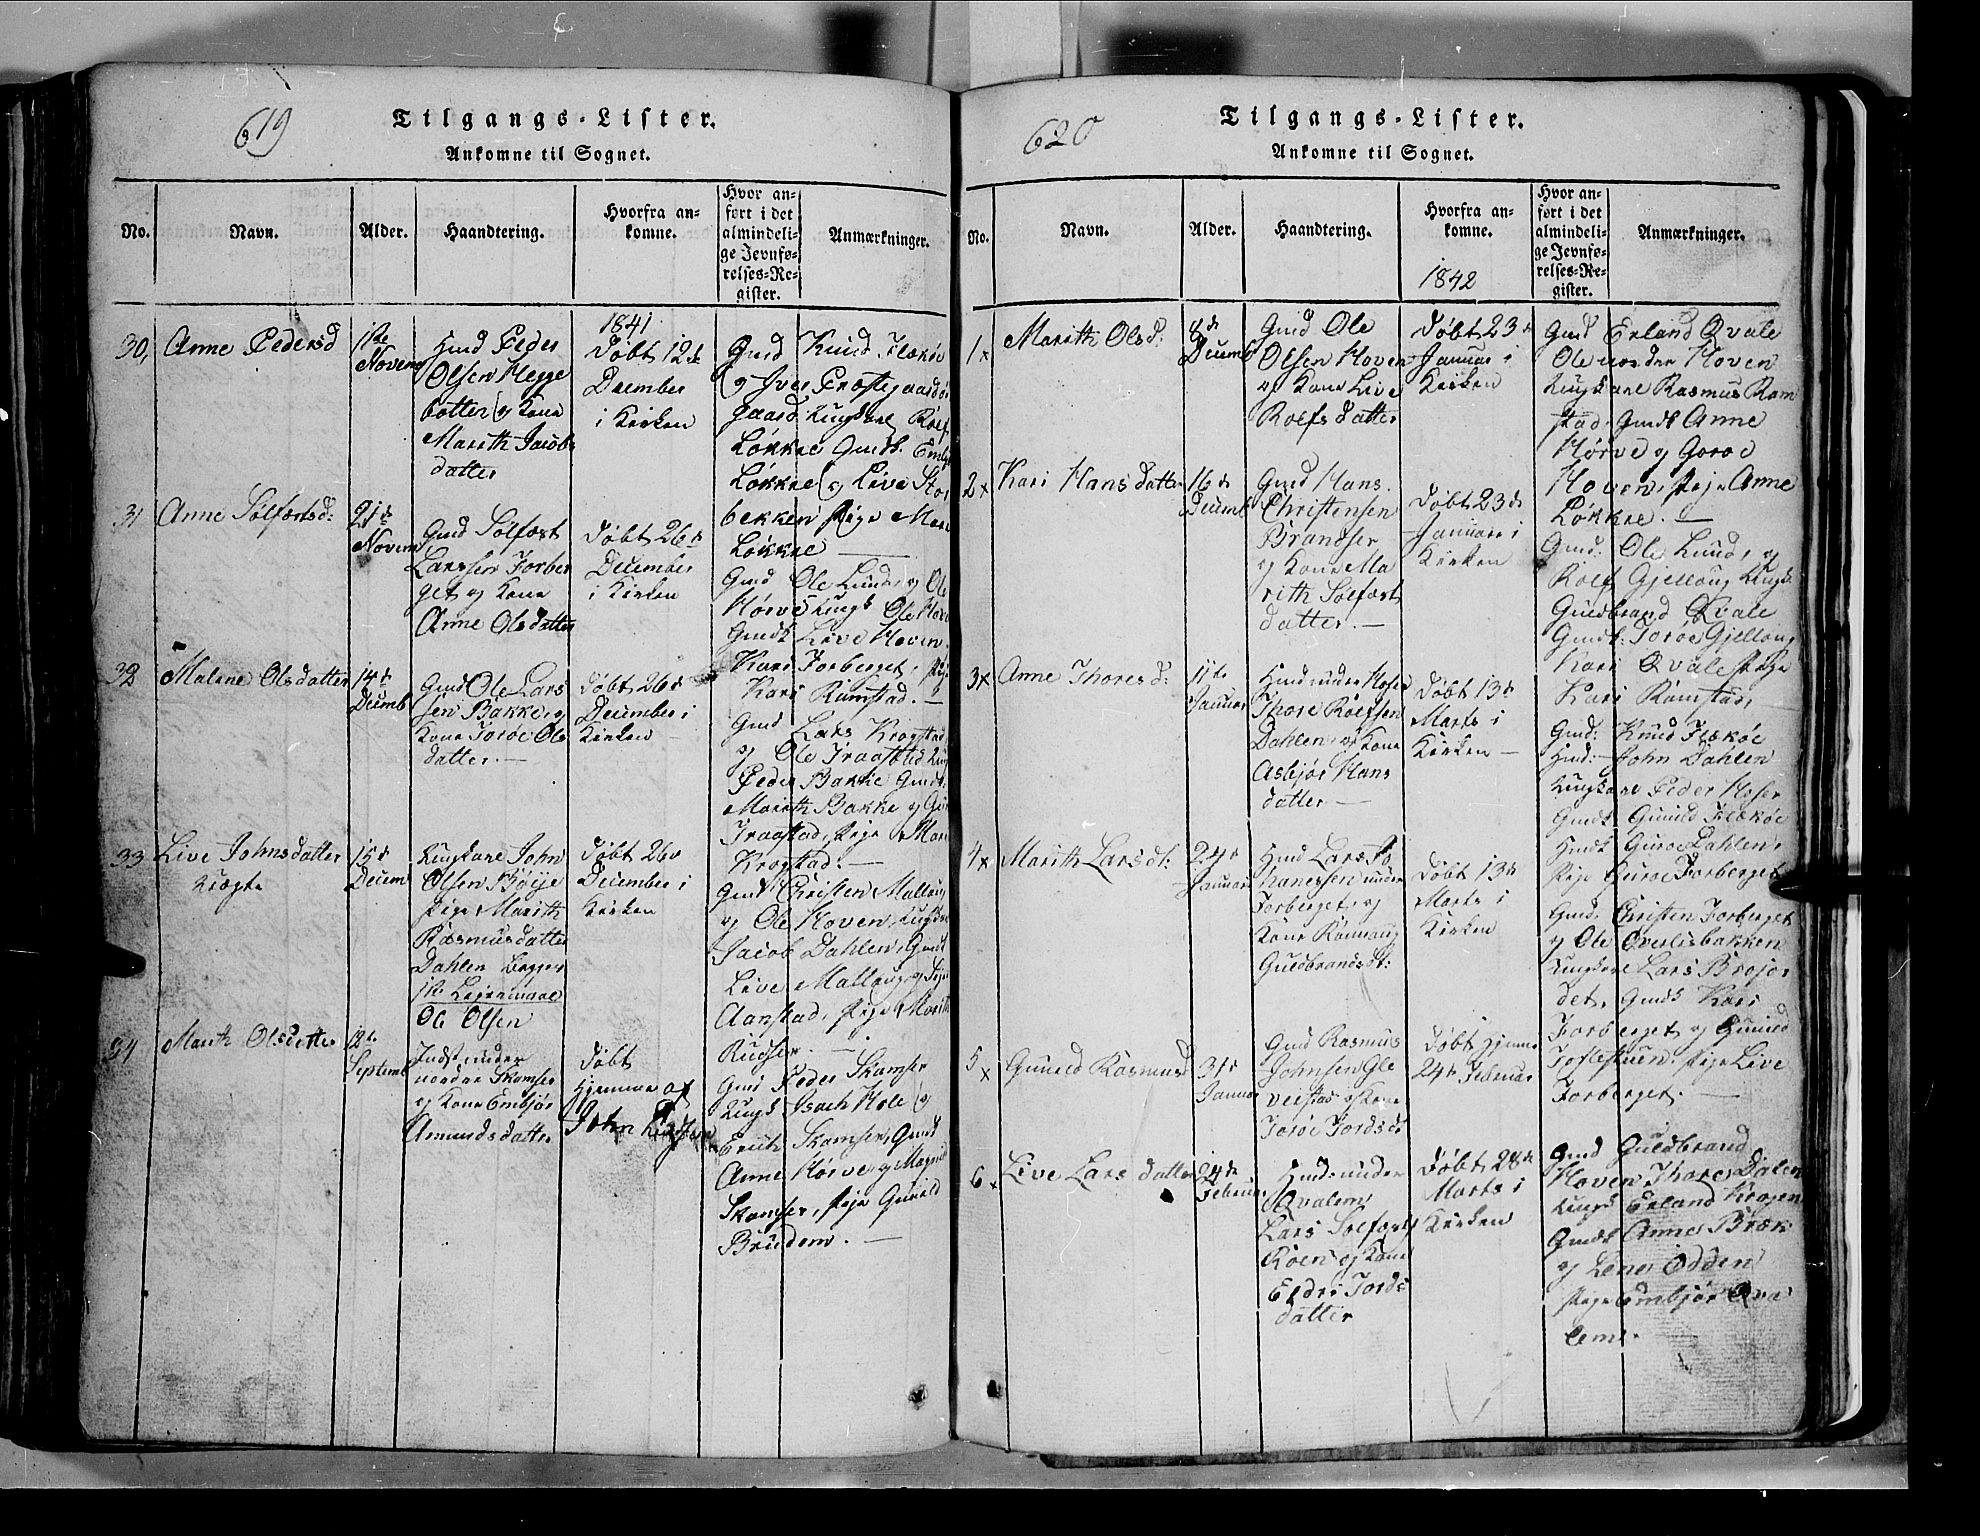 SAH, Lom prestekontor, L/L0003: Klokkerbok nr. 3, 1815-1844, s. 619-620